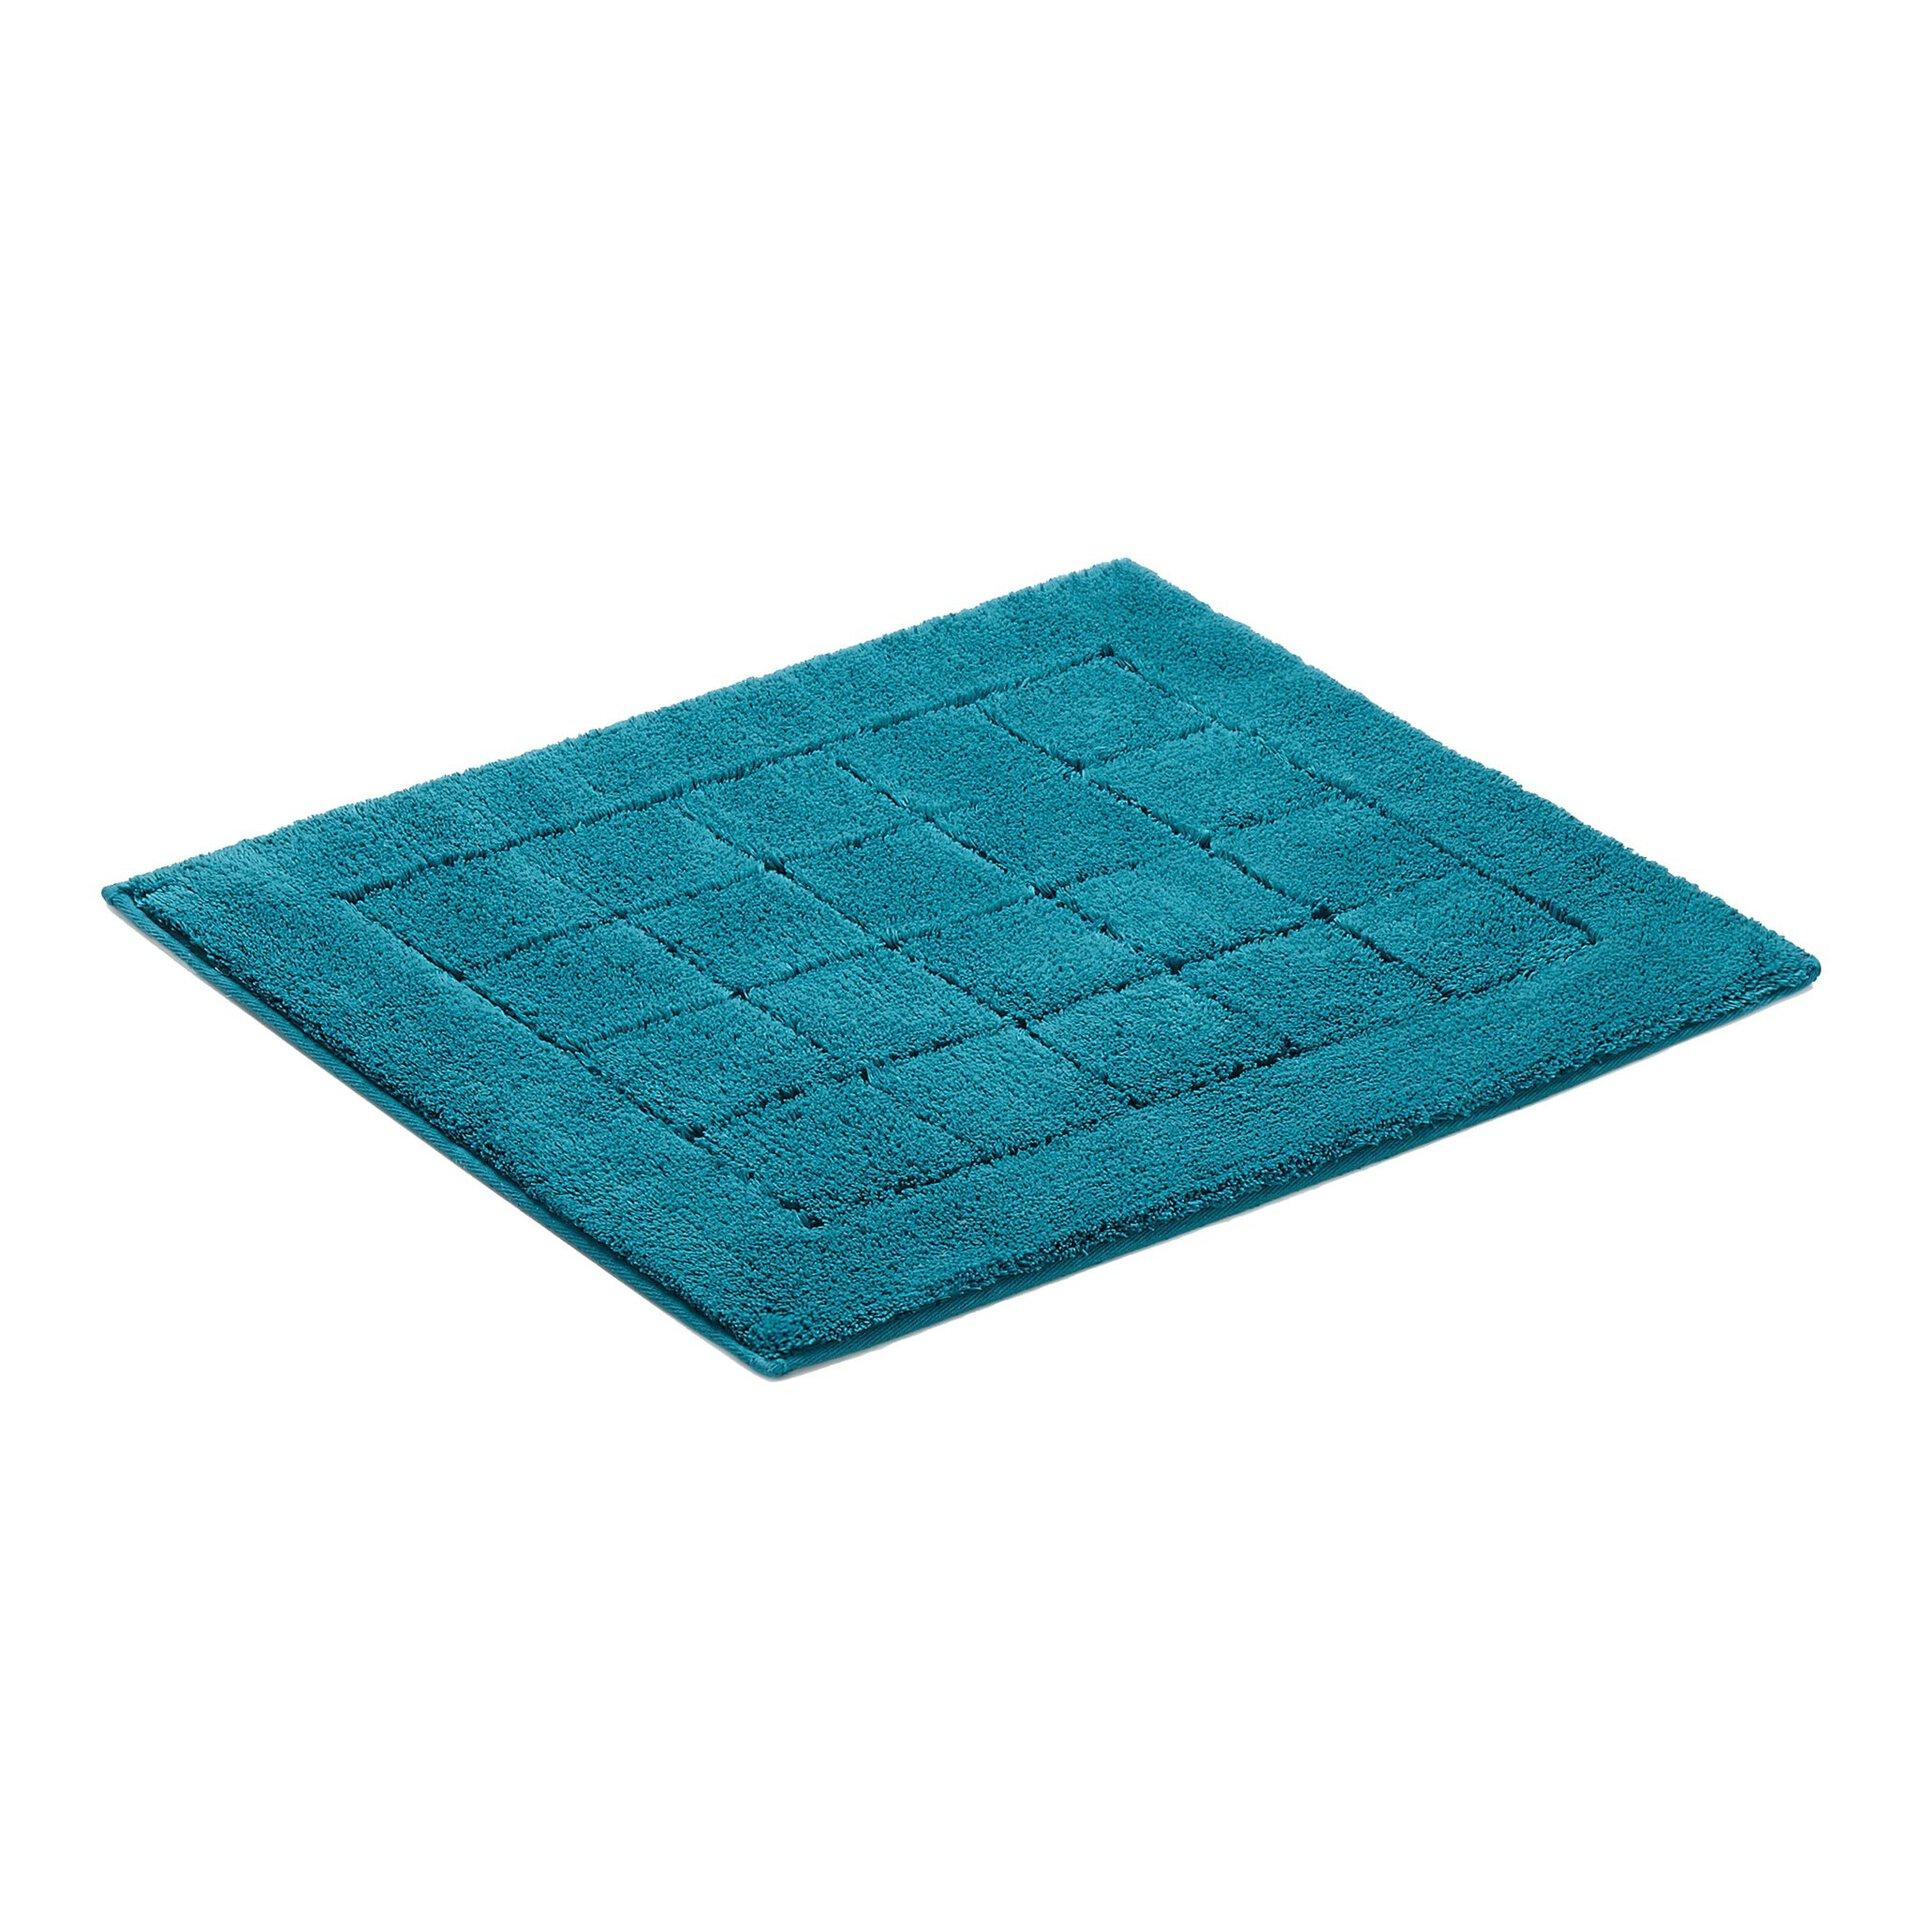 Badteppich Exclusive Vossen Textil Blau 55 x 65 cm